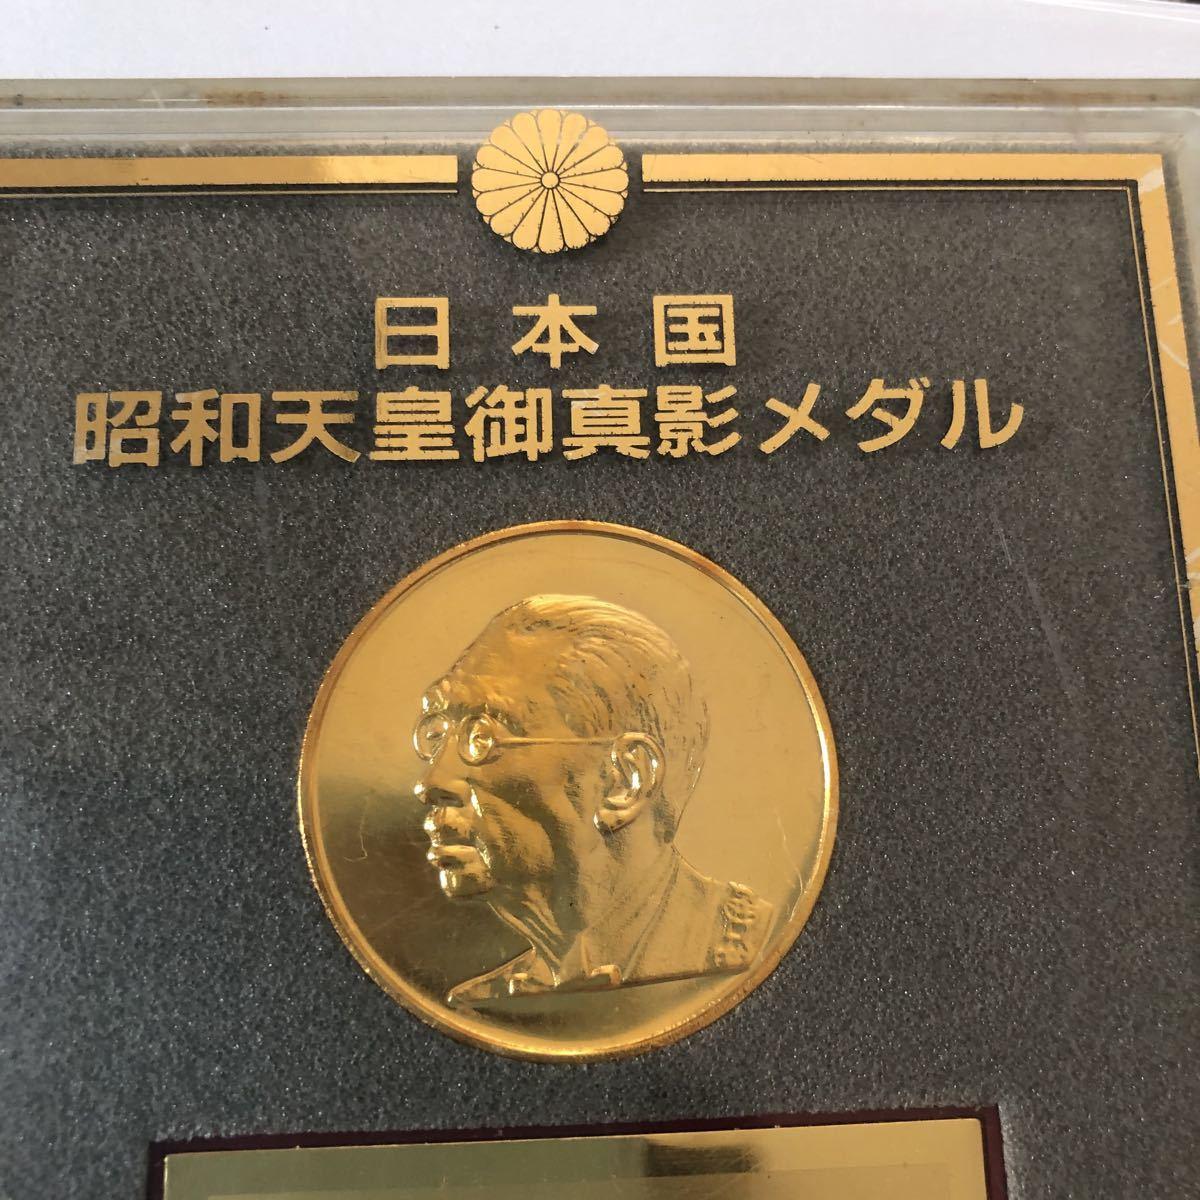 昭和天皇 御真影 記念メダル